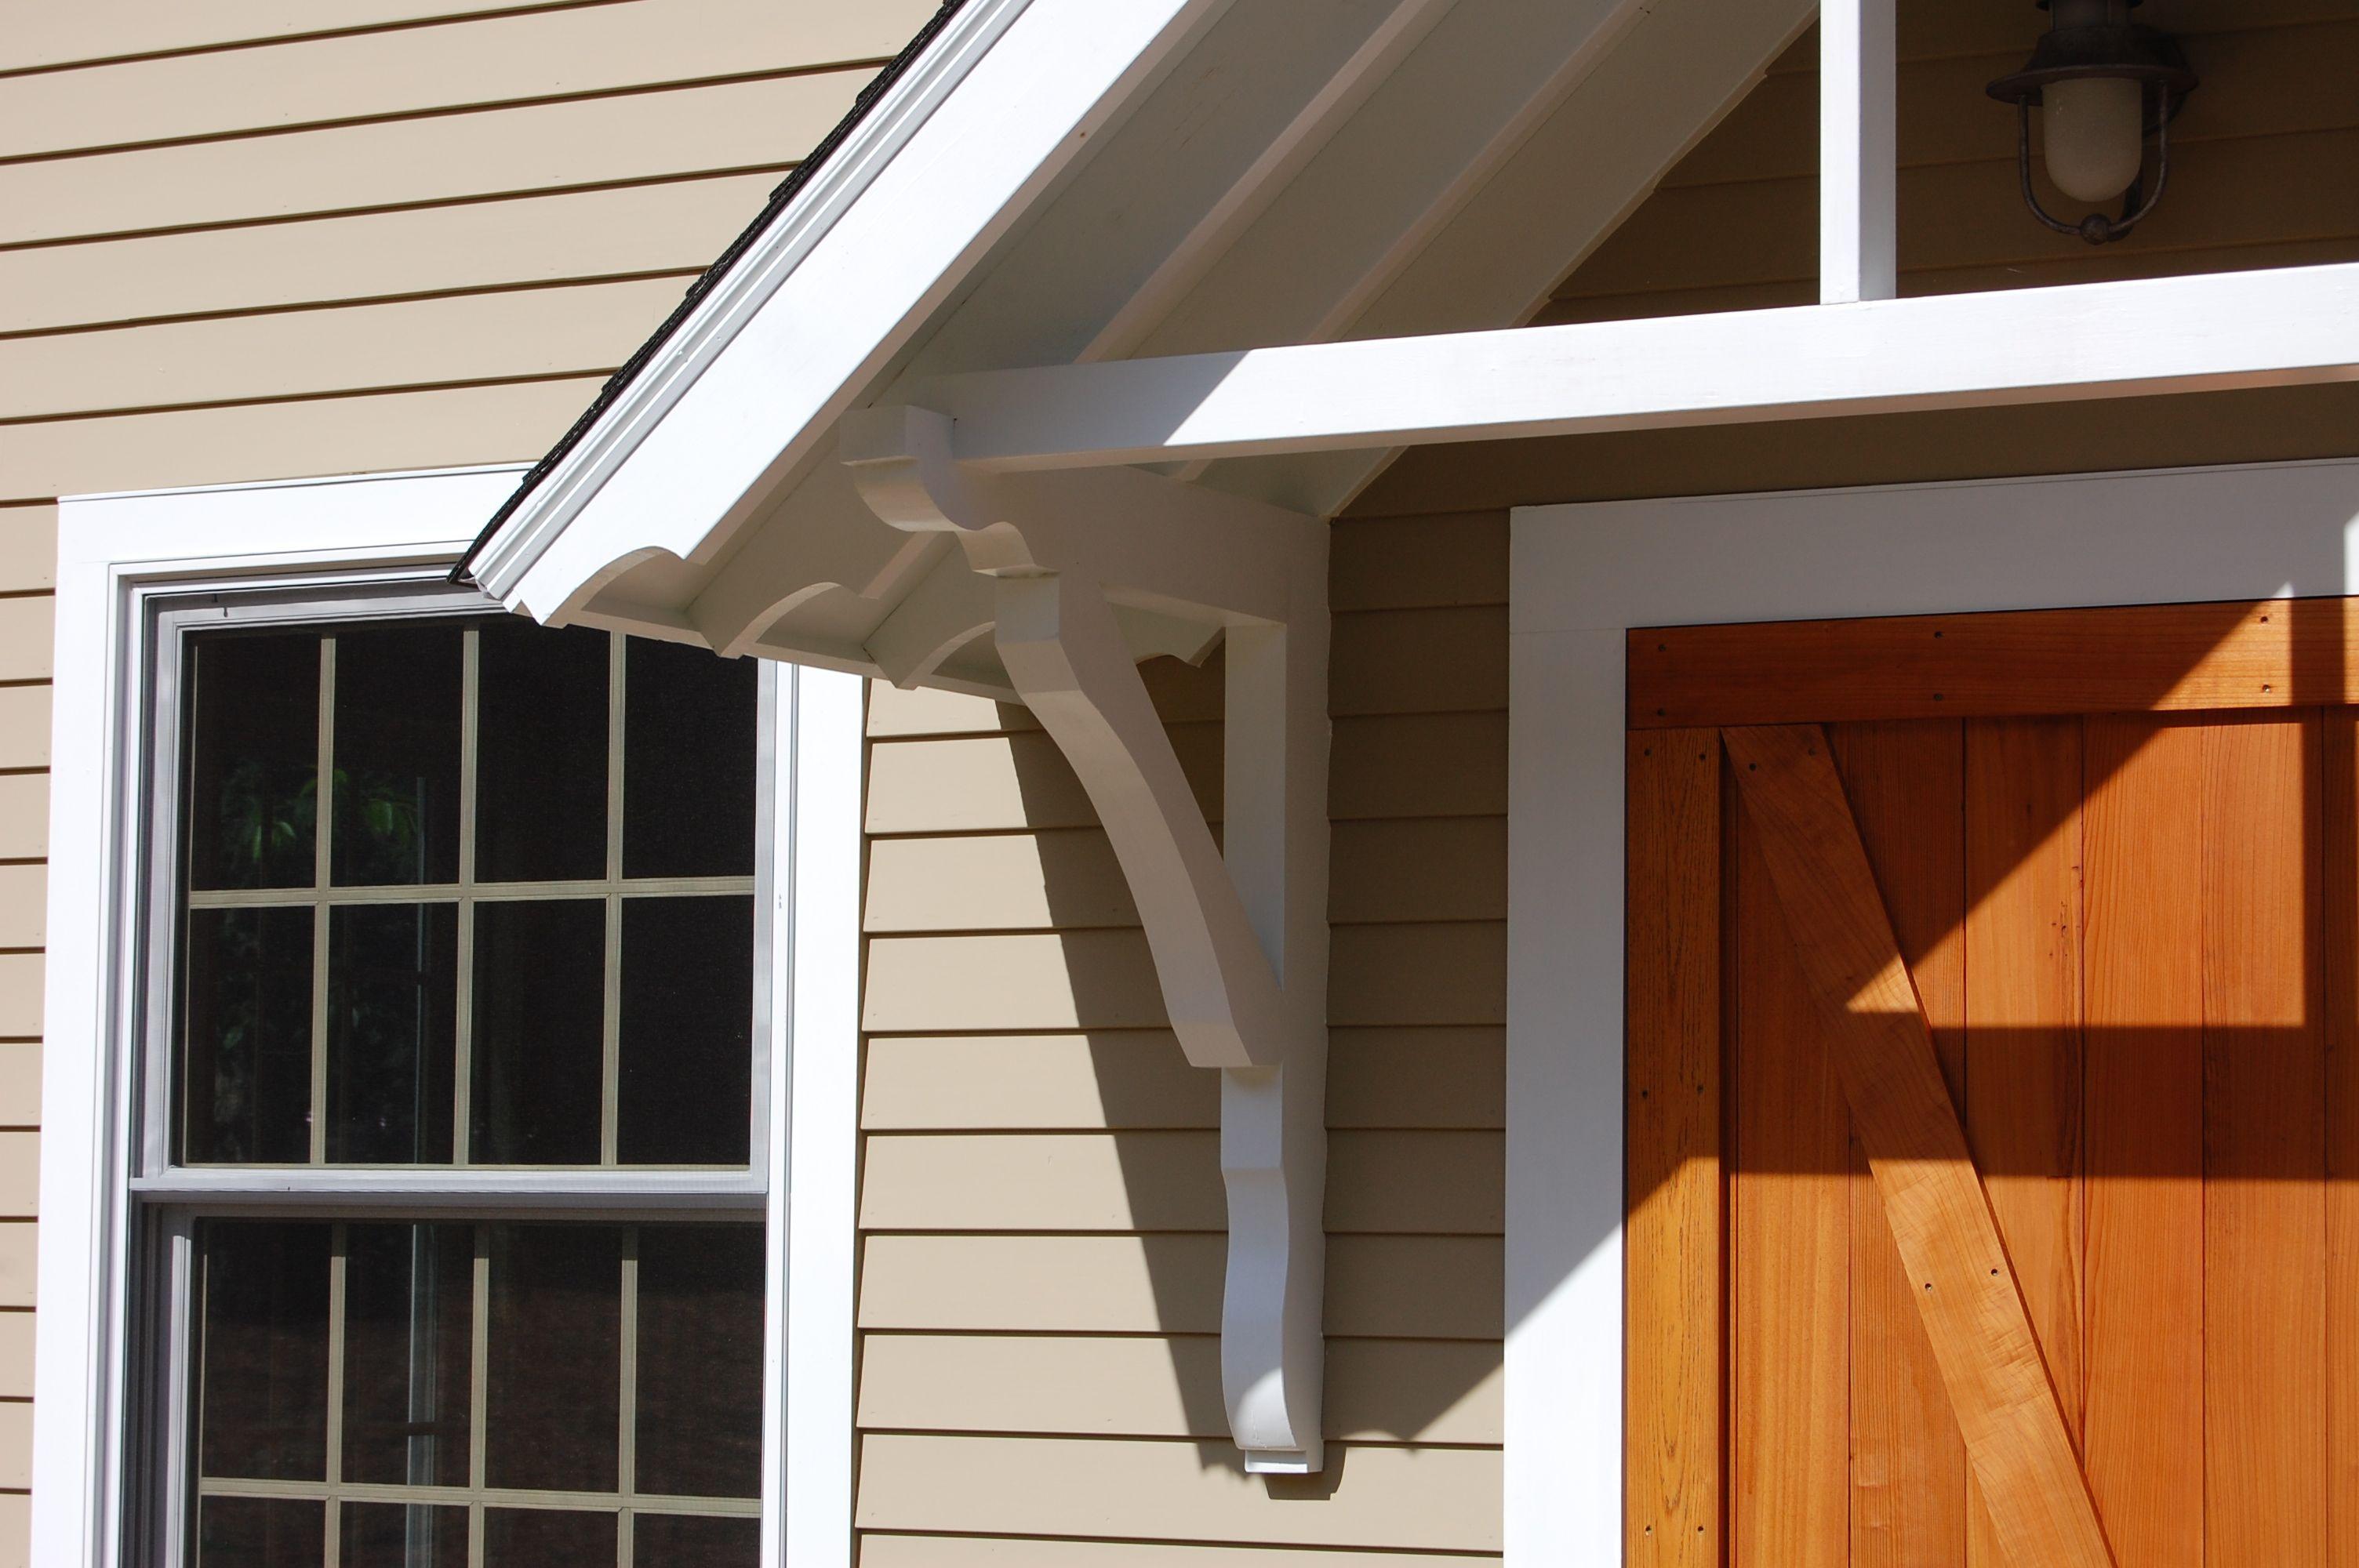 Blog Not Found Door Overhang Shed Roof Front Door Overhang